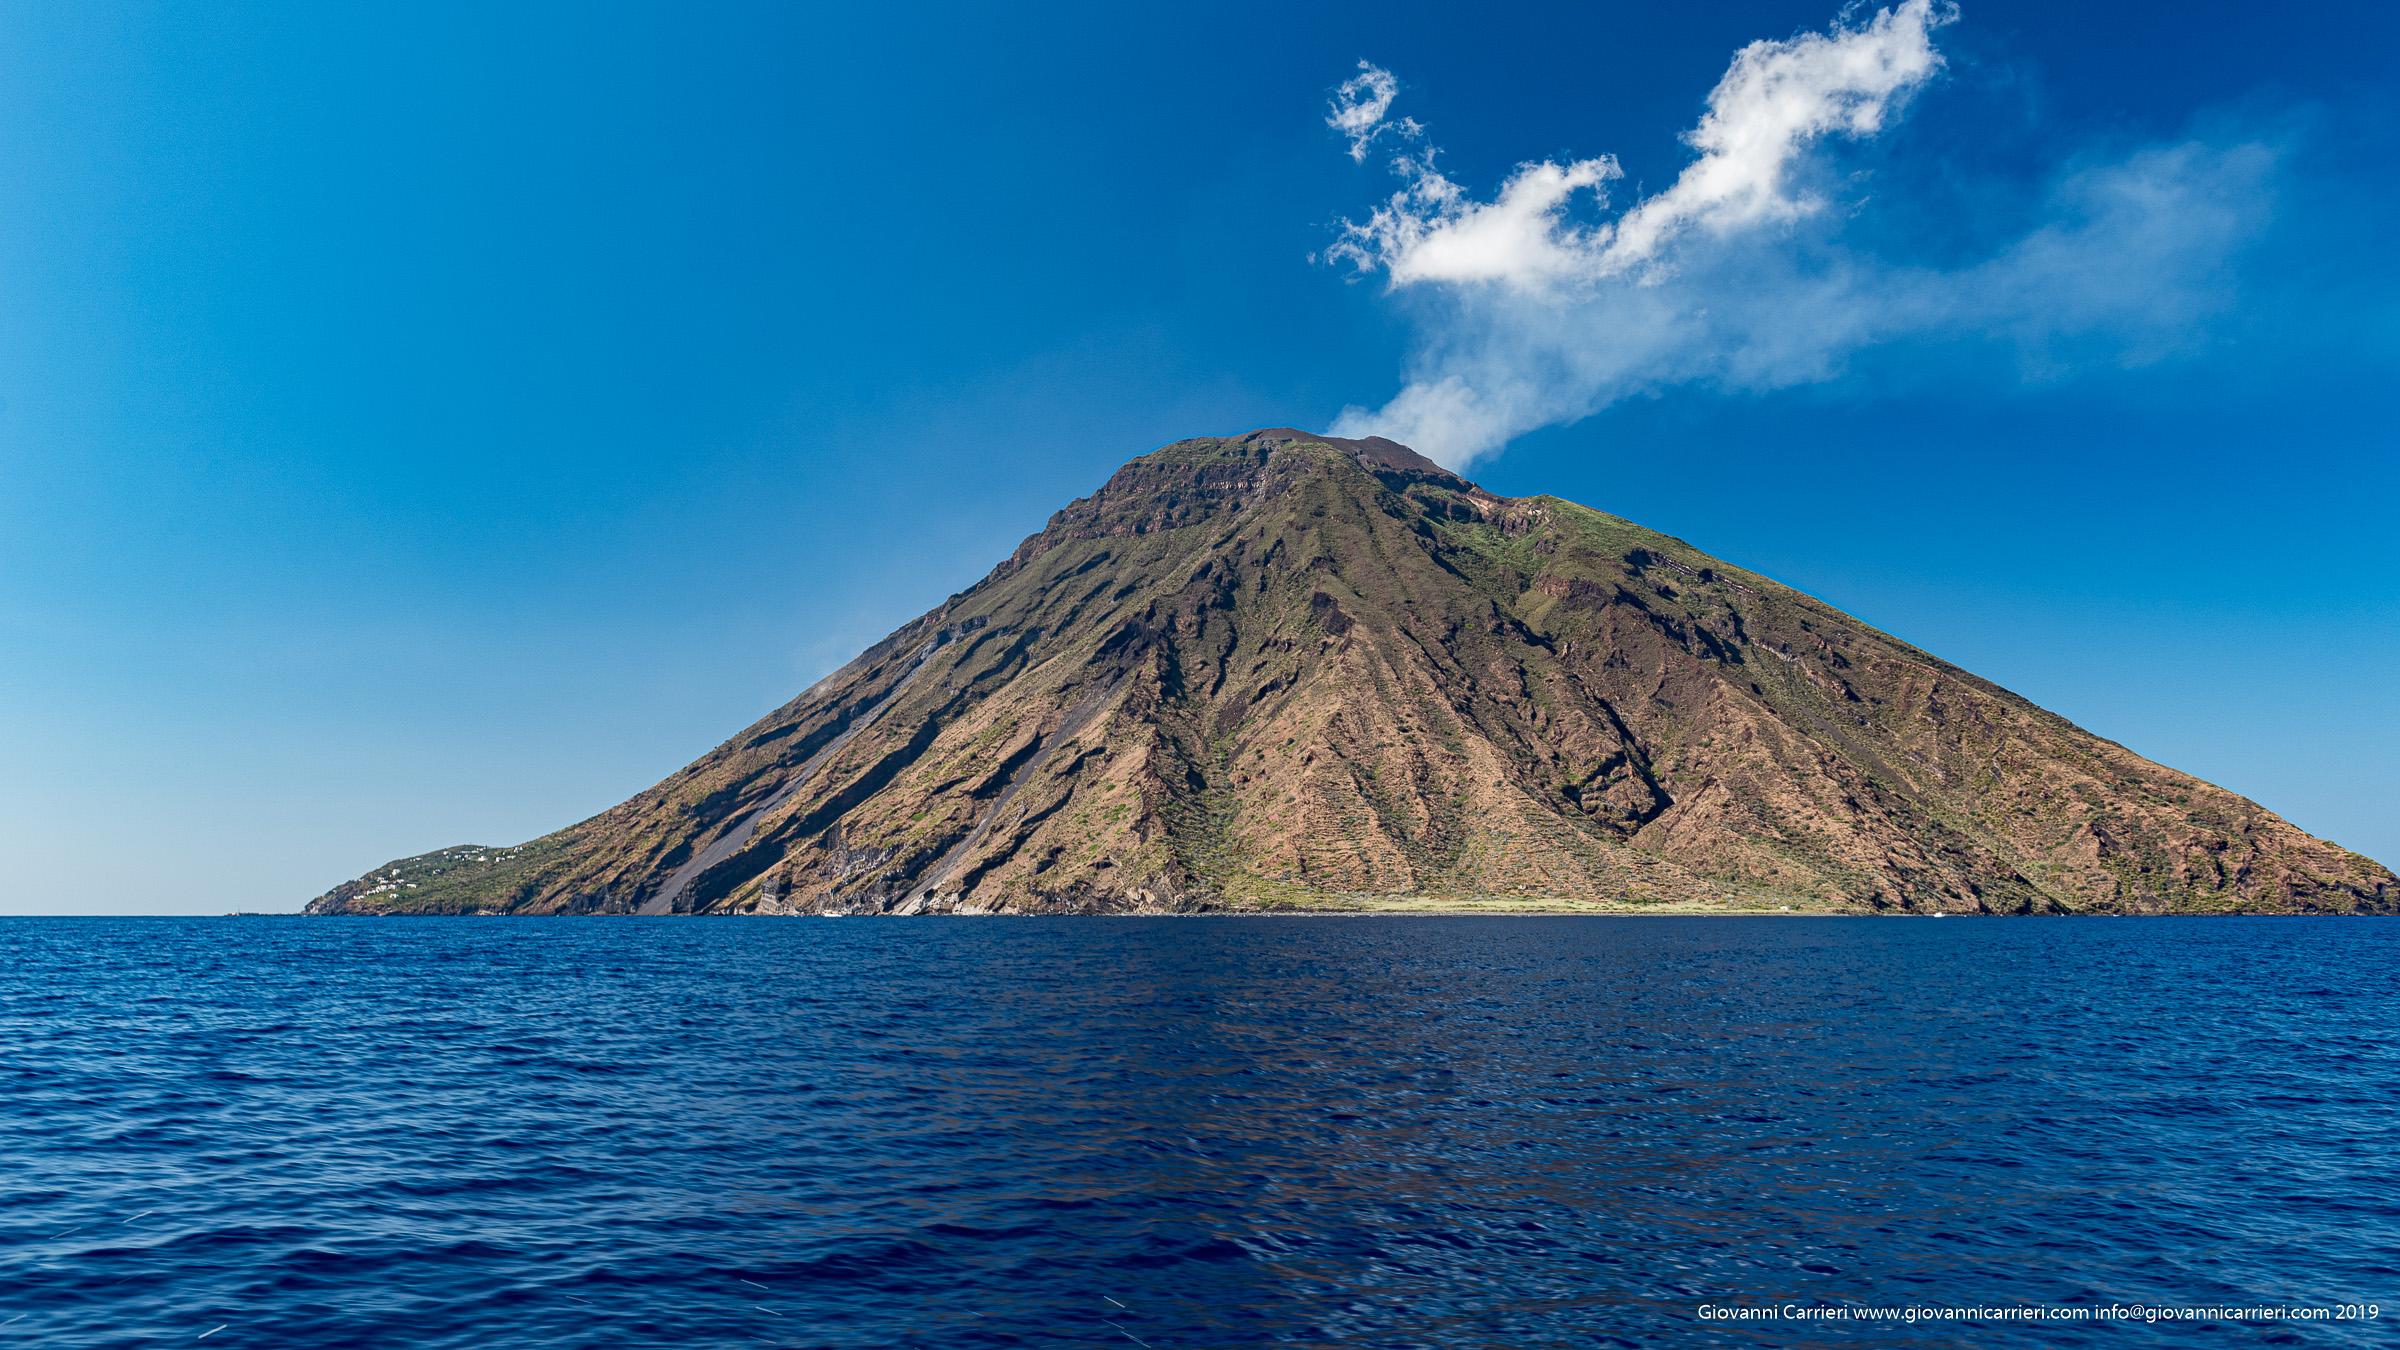 Il vulcano Stromboli visto dal mare